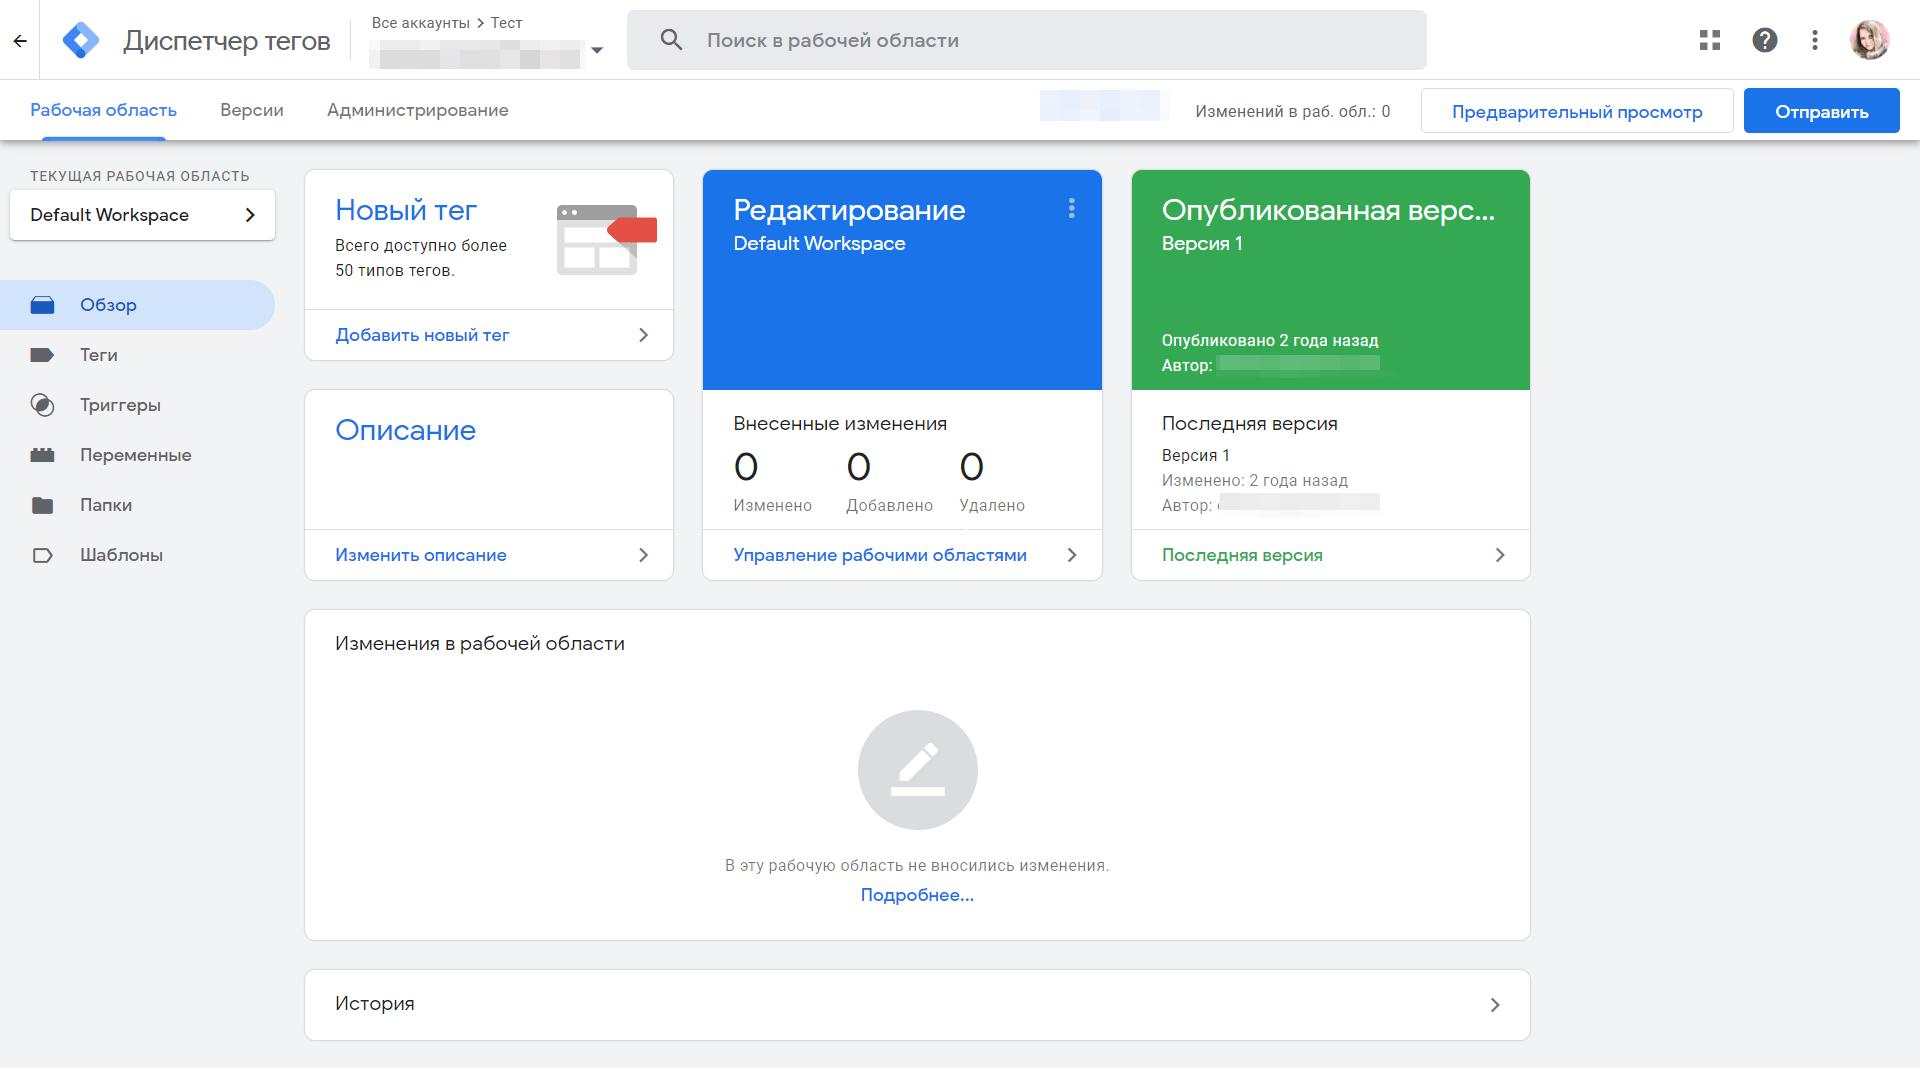 Интерфейс Google Tag Manager прост и интуитивно понятен